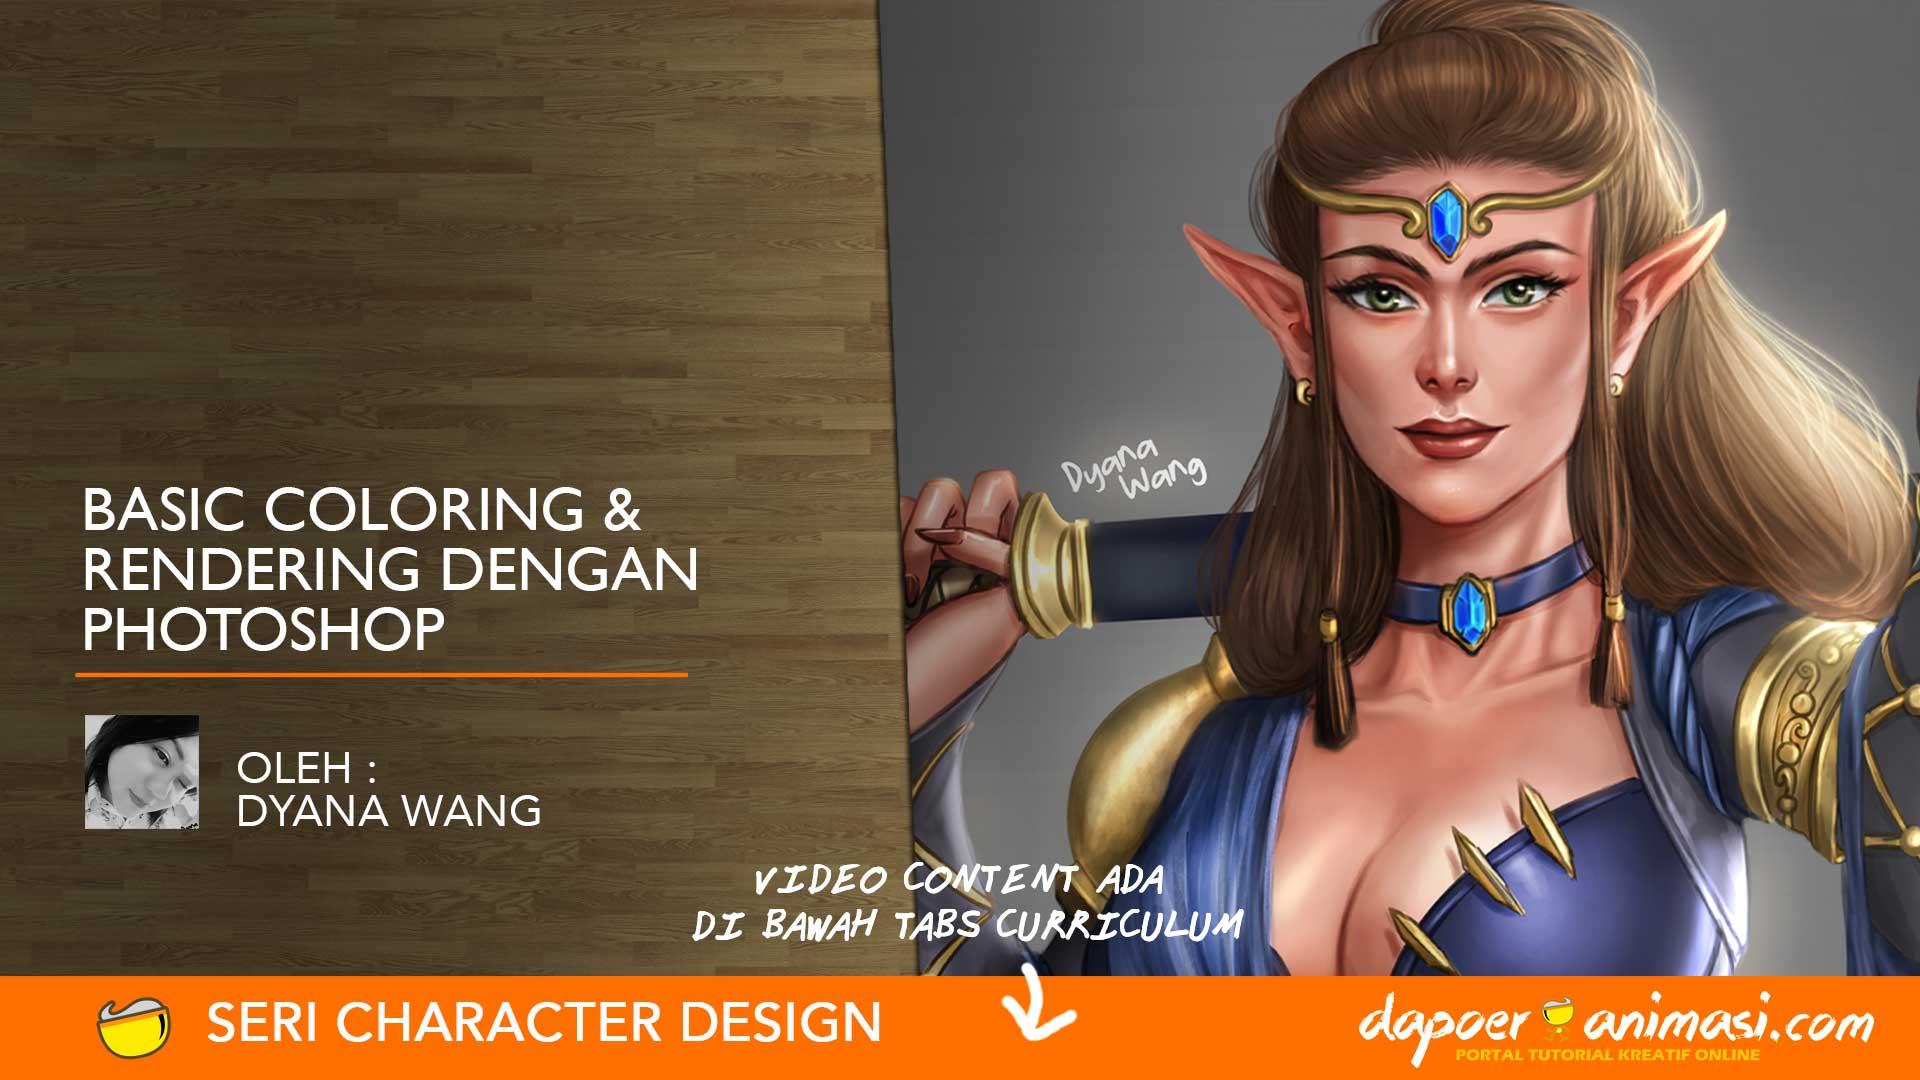 Dapoer Animasi : Basic Coloring & Rendering dengan Photoshop